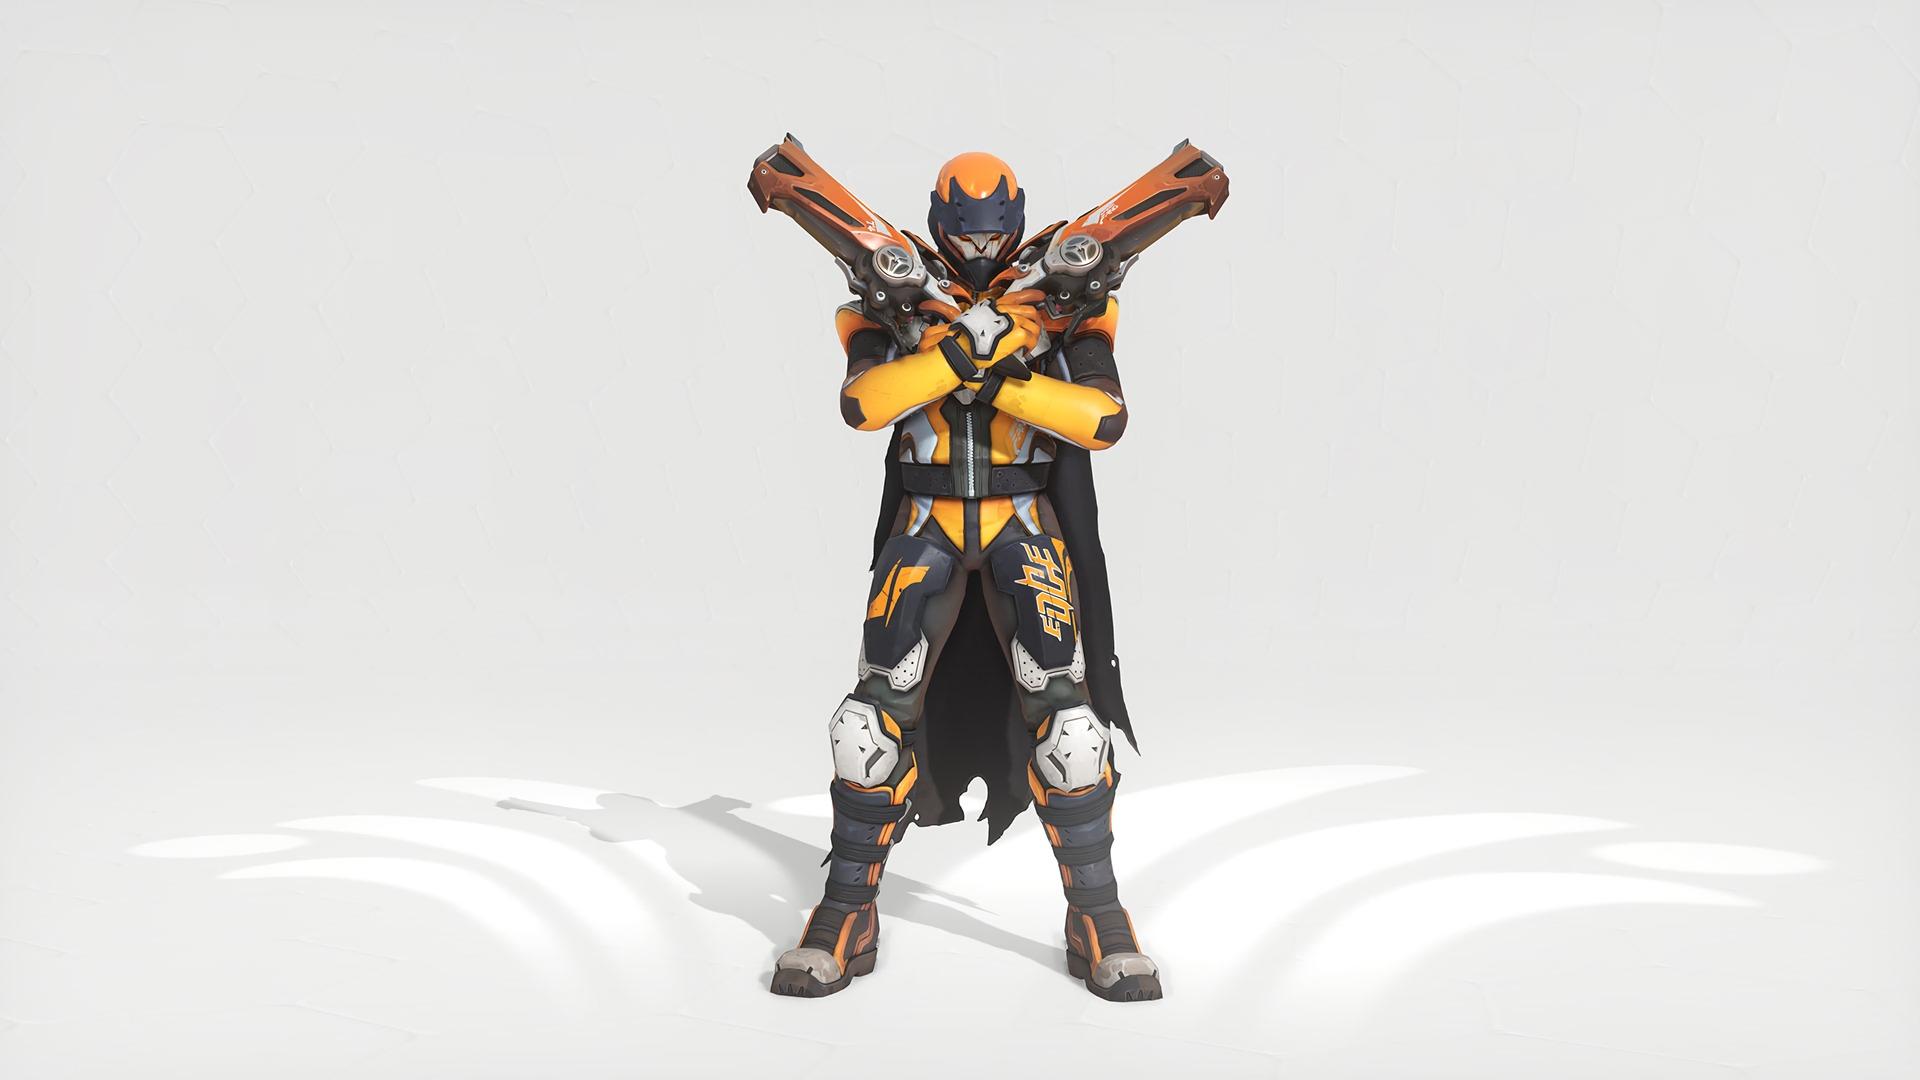 Overwatch: Reaper